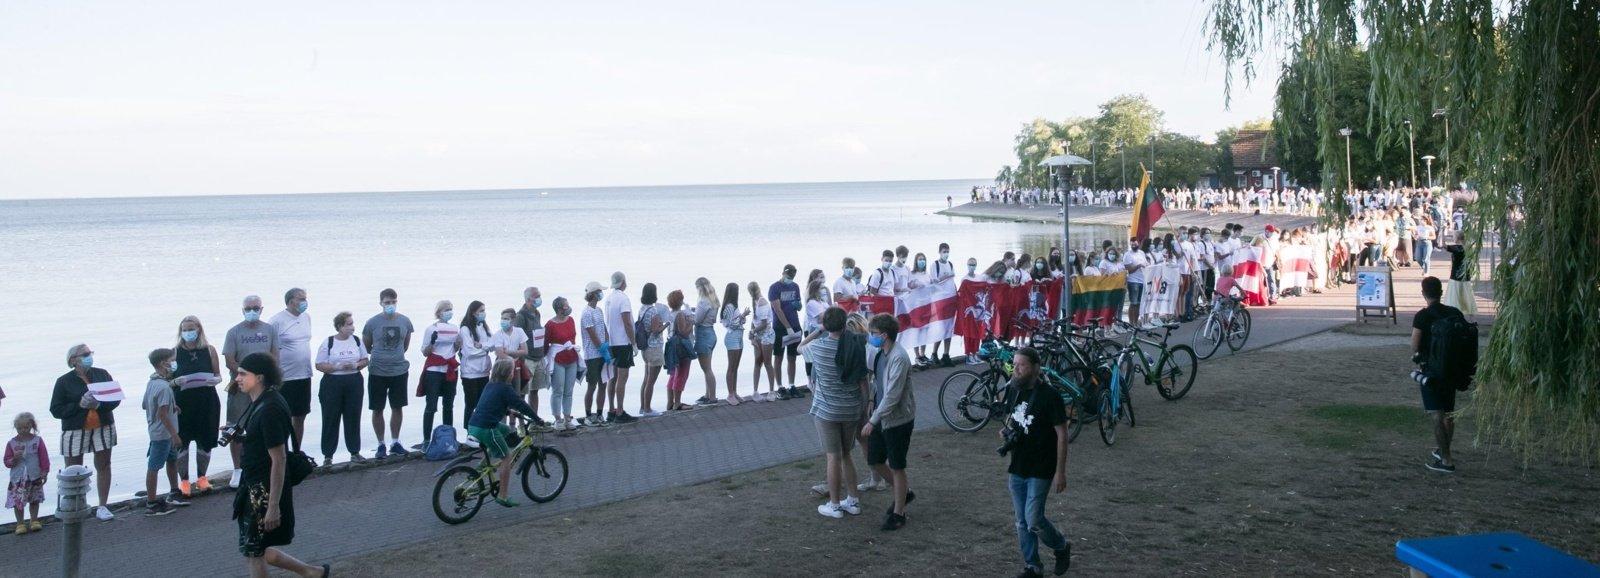 Minint Baltijos kelio dieną Kuršių nerijos pakrantė nusidriekė gyva žmonių grandine